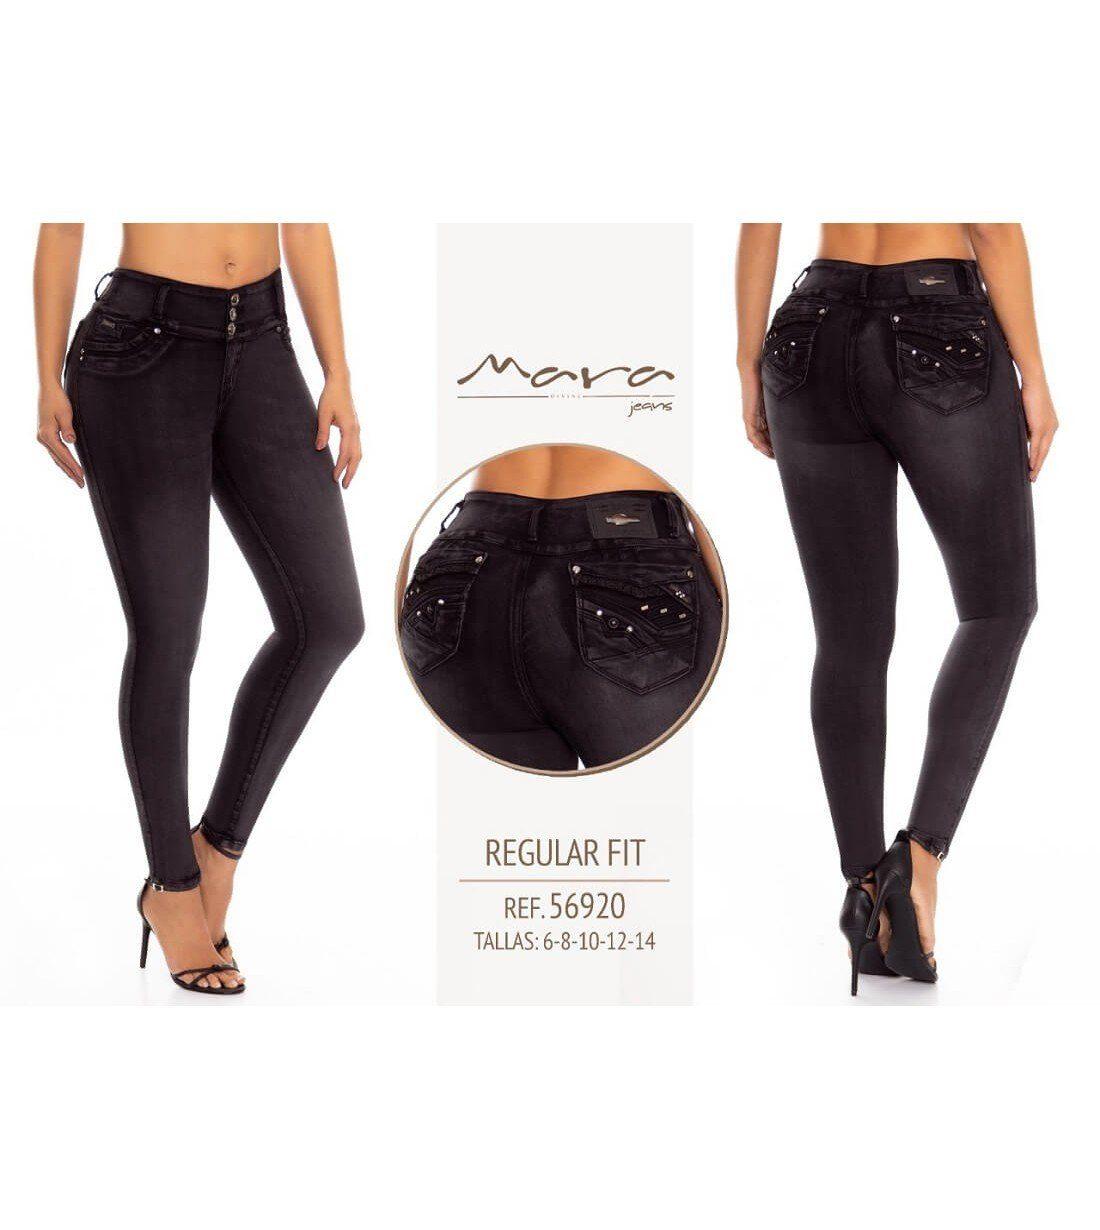 Jeans Colombiano Mara- 56920